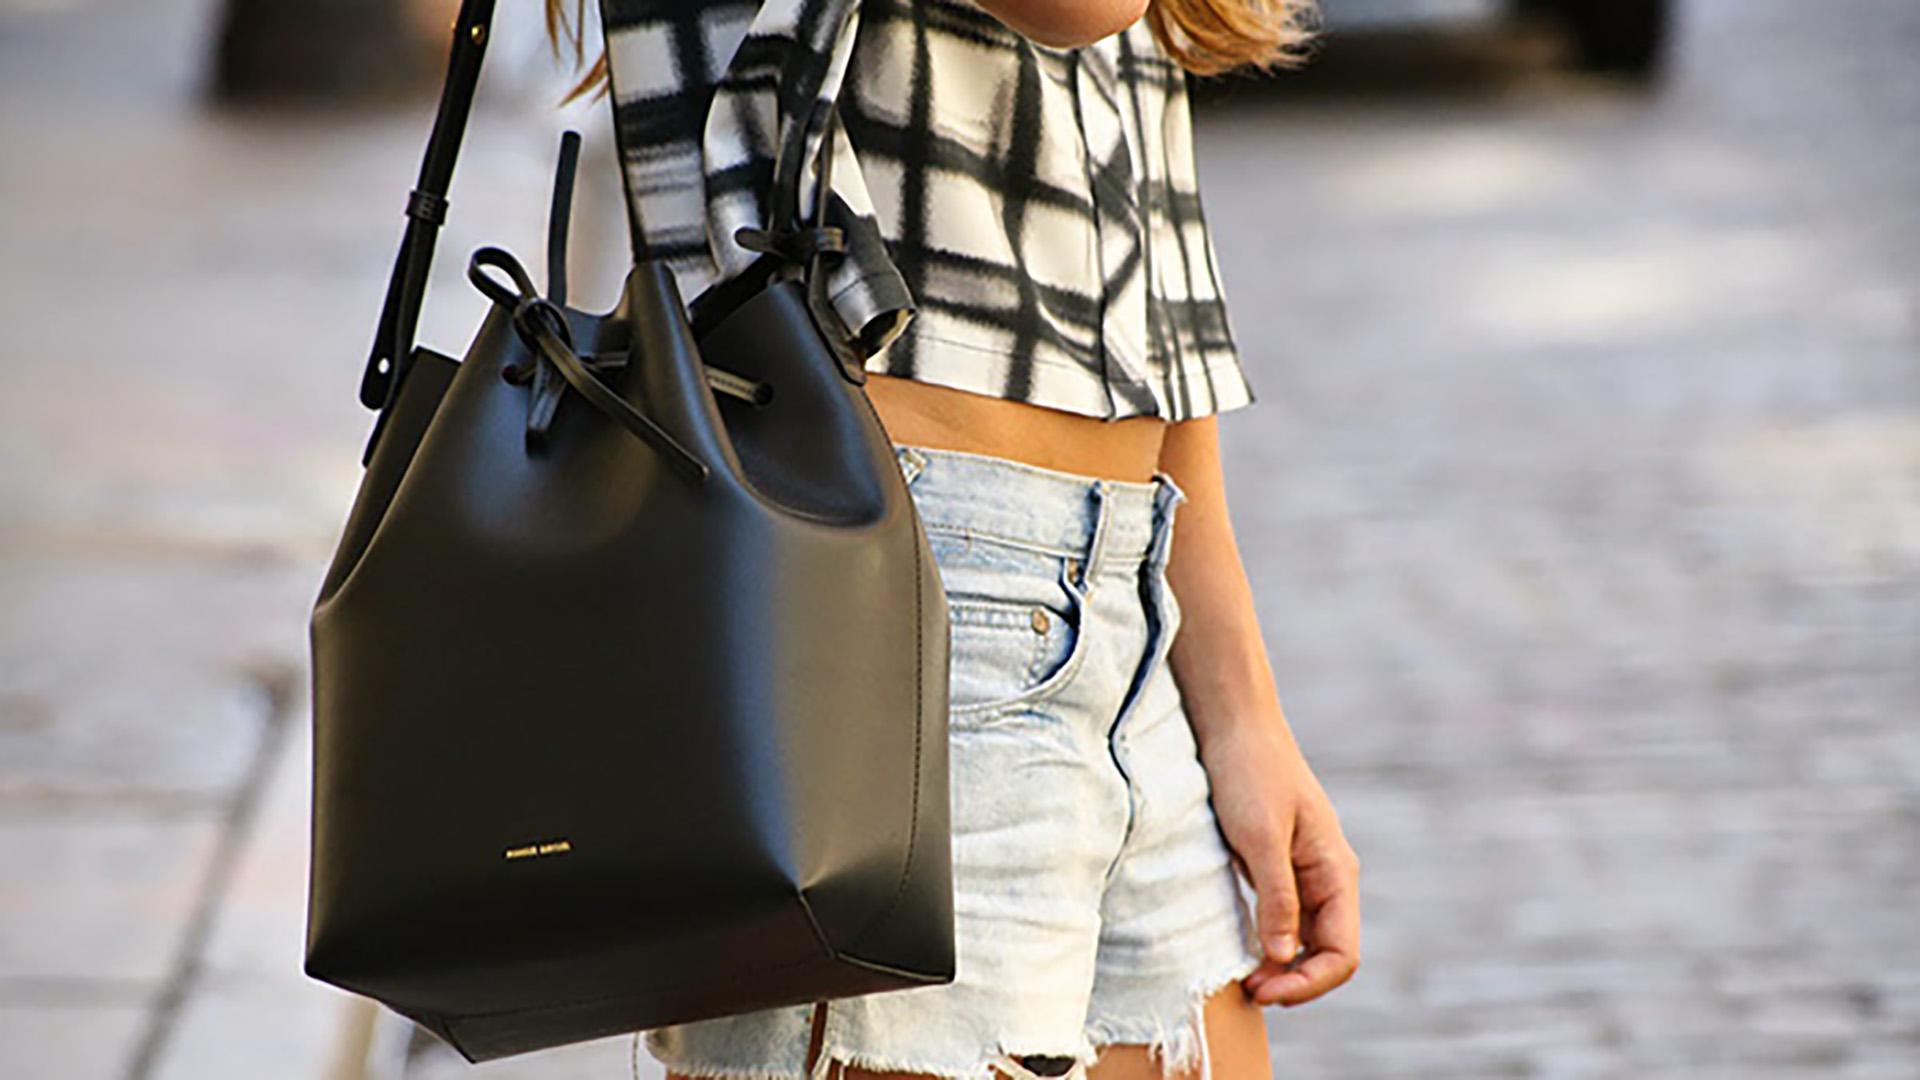 Borse artigianali: i modelli più alla moda